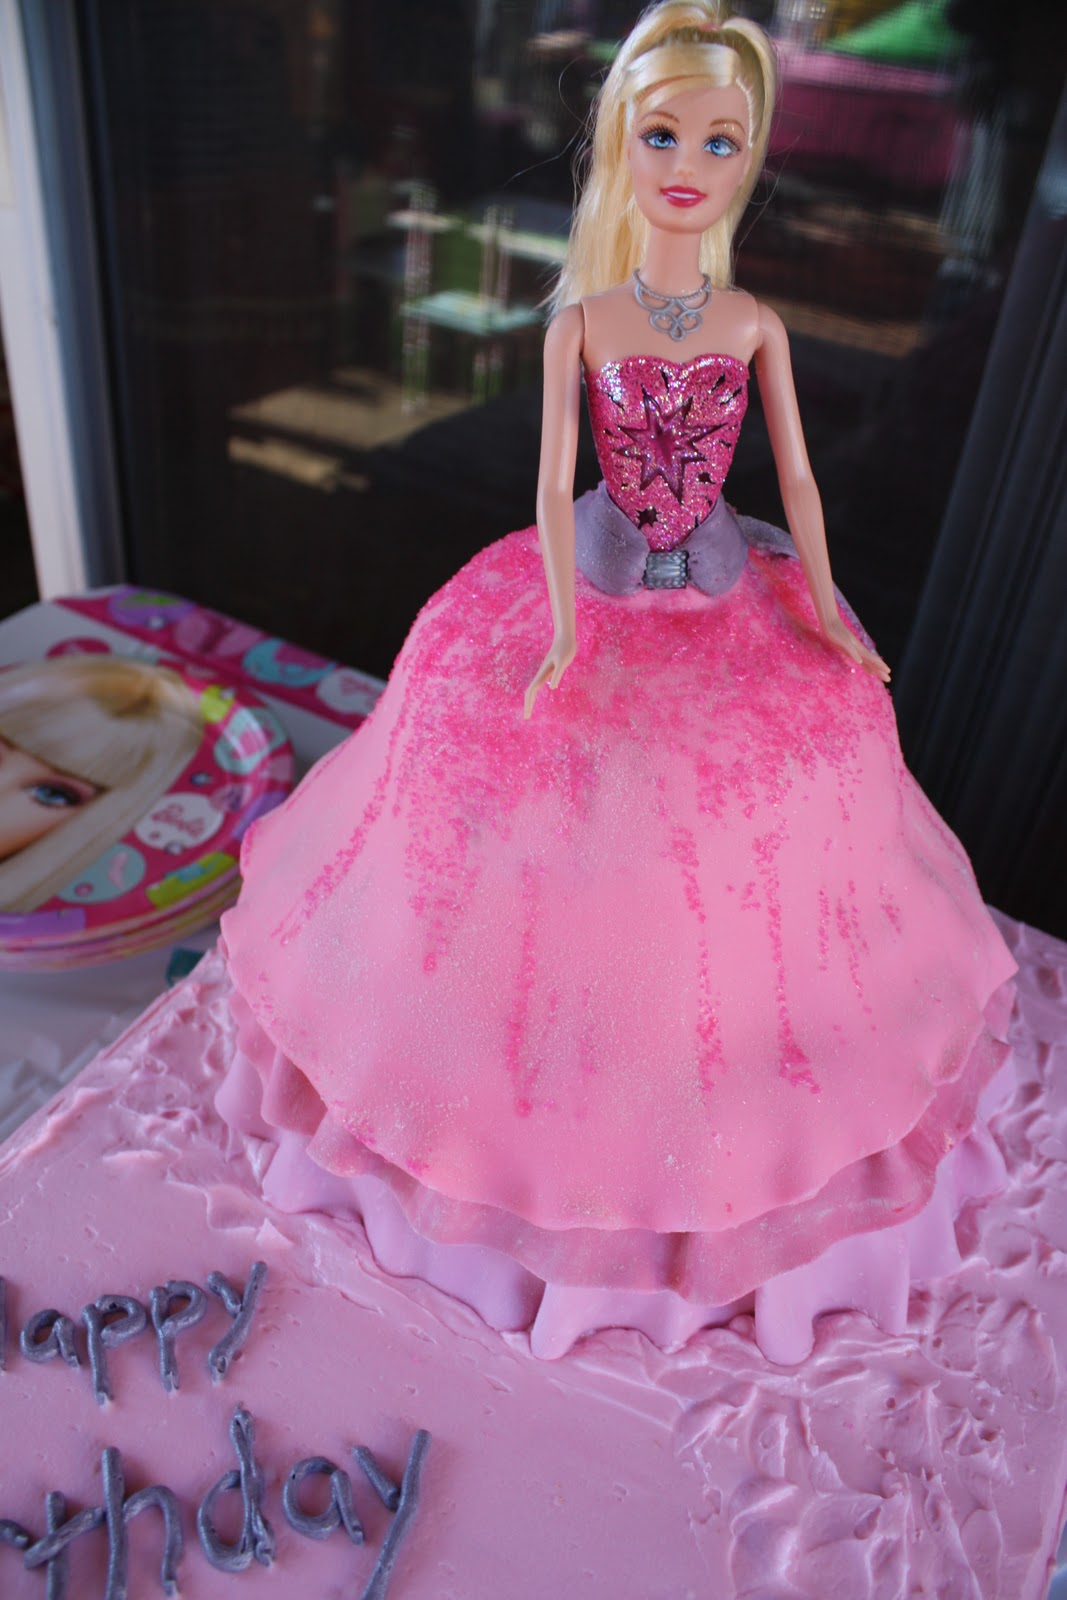 Silly Monkey Cakes Barbie Cake